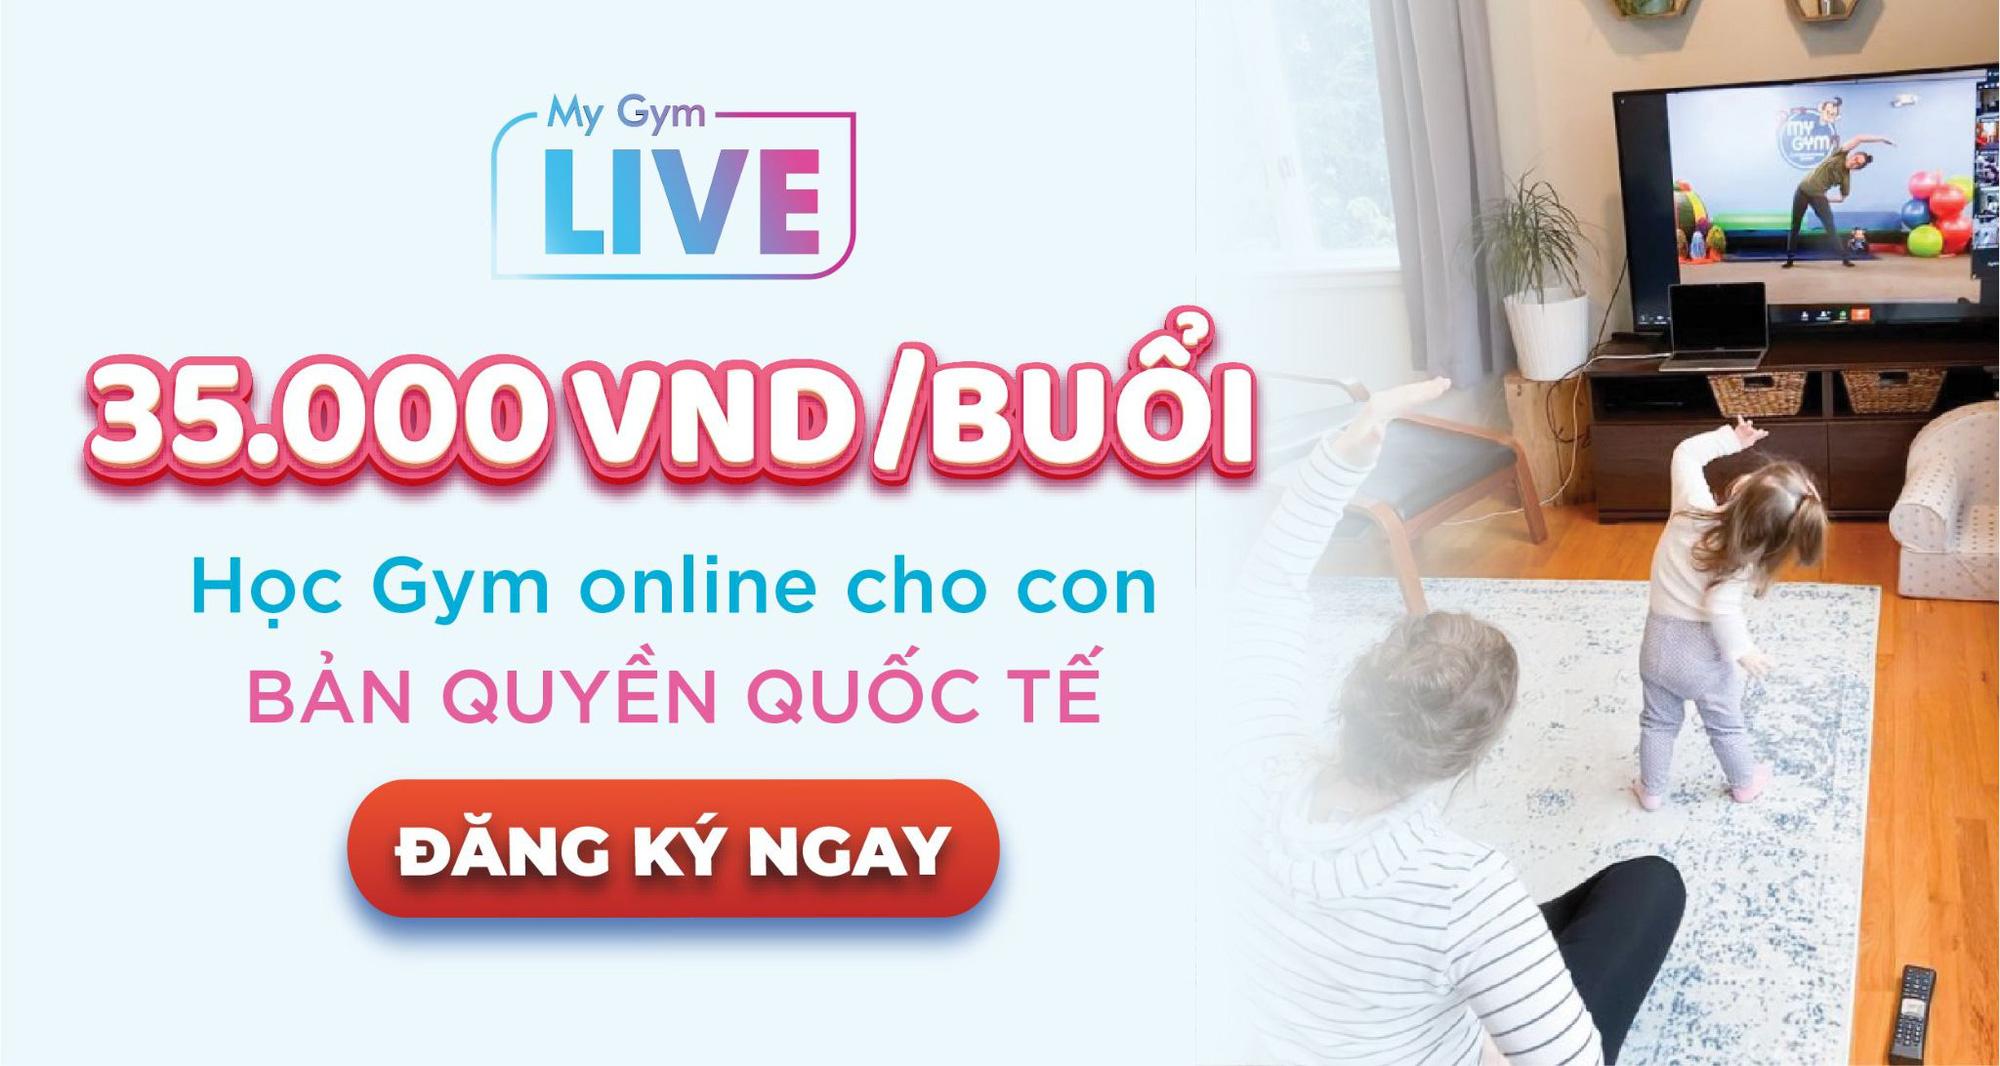 Ra mắt khóa học Gym Online cho trẻ Việt Nam, giáo trình tương tự trẻ em Mỹ - Ảnh 5.